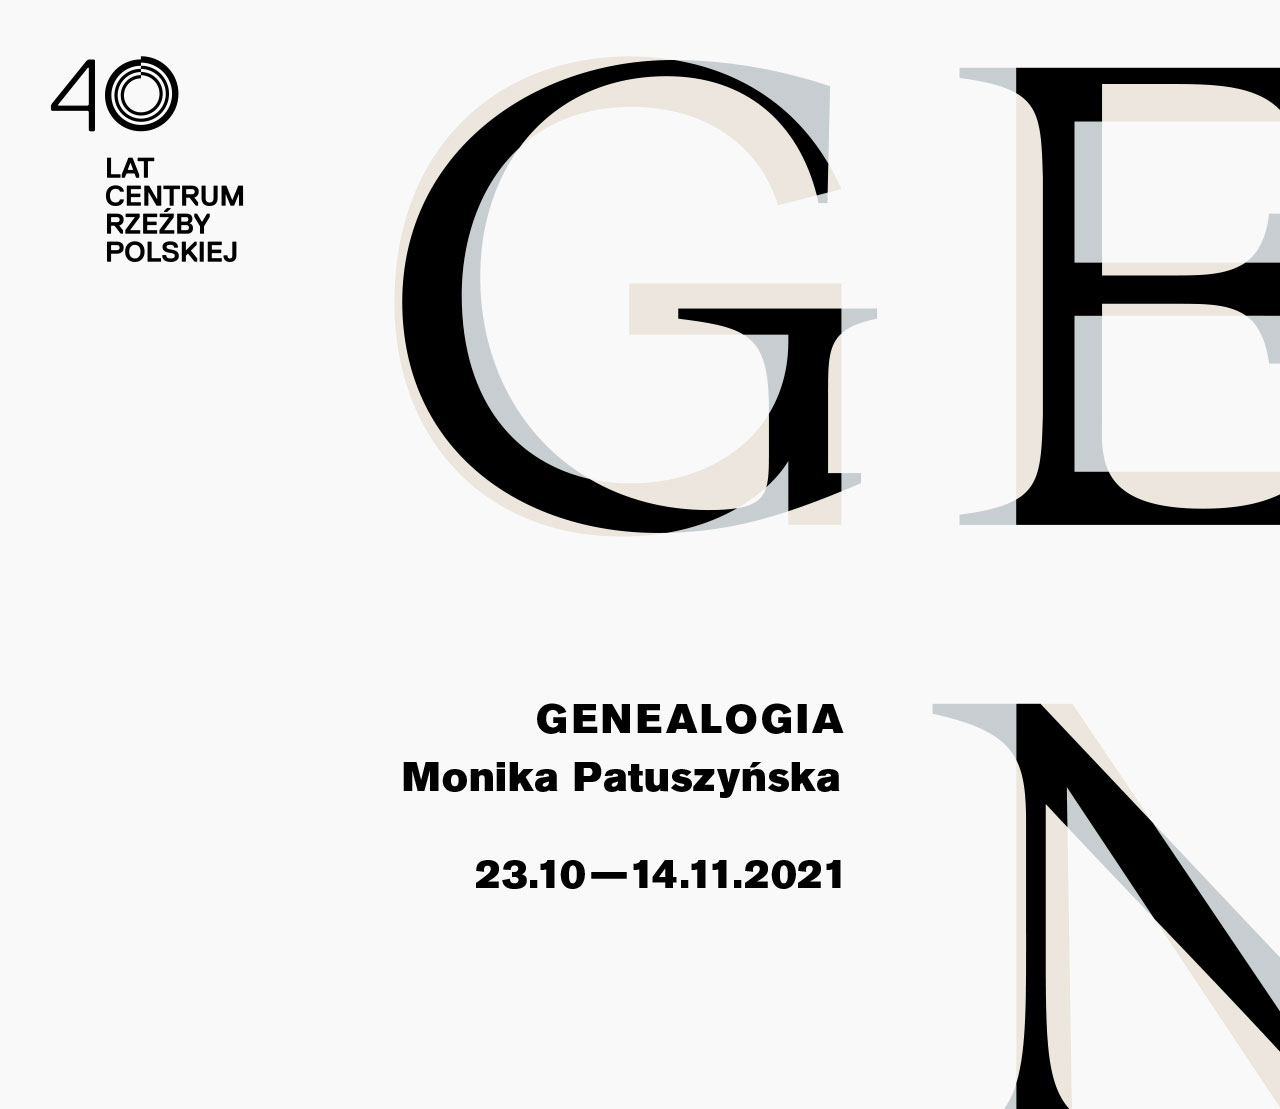 Genealogia / Genealogy Monika Patuszyńska